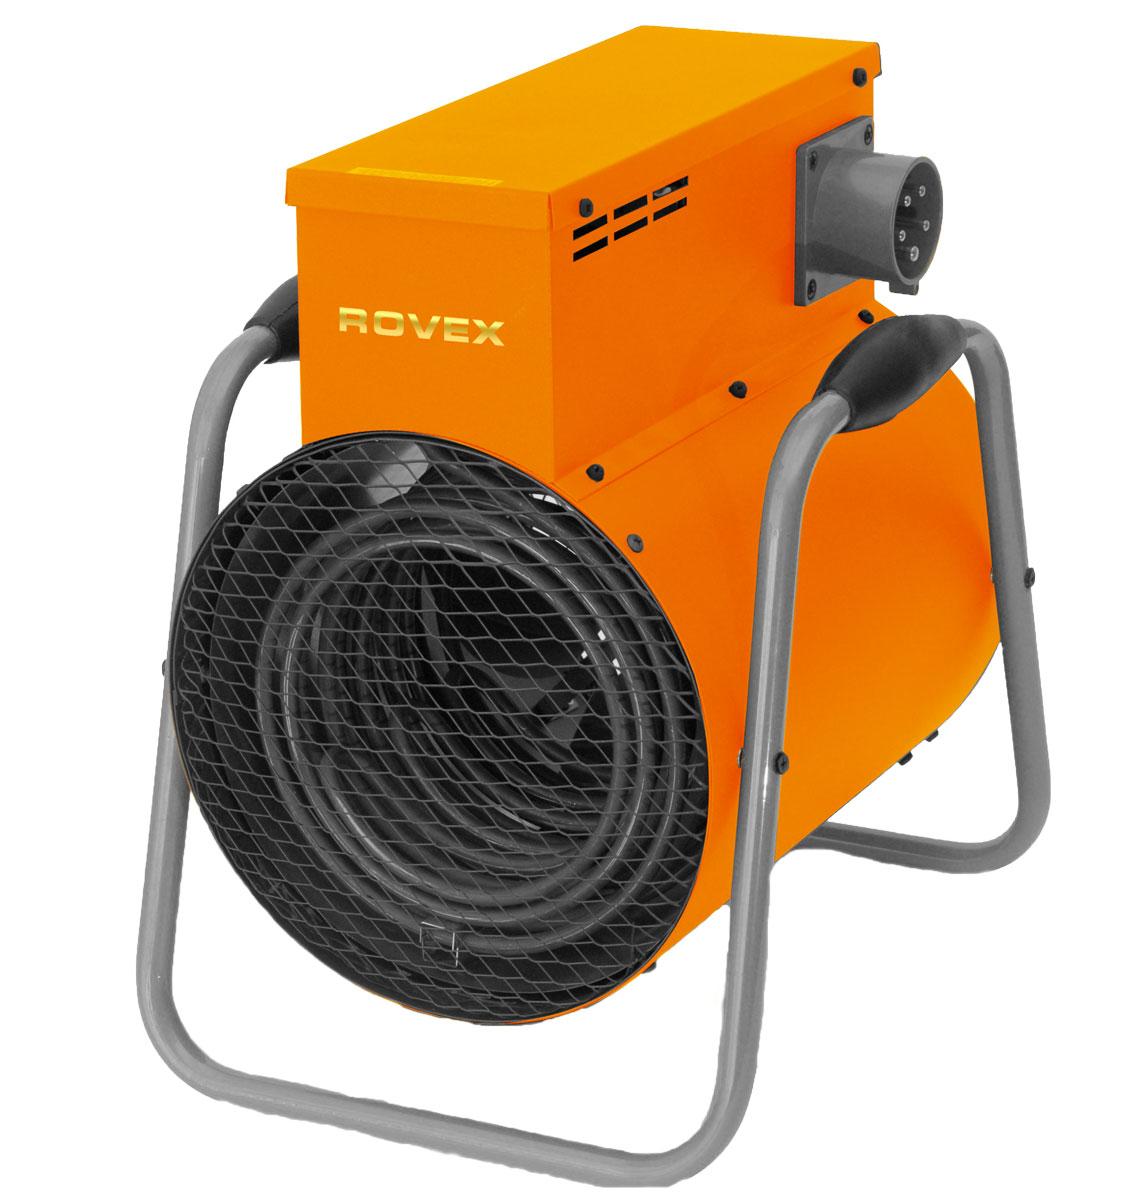 Rovex RT-06К тепловая пушкаRT-06КПринцип работы тепловой пушки Rovex RT-06К такой: встроенный вентилятор собирает холодный воздух, направляет на ТЭН (электронагревательный элемент), а затем уже теплые воздушные массы распределяются по всему помещению. Работа тепловой пушки проста и не затрачивает много электроэнергии.Тепловые пушки электрические популярны и востребованы, а все потому, что обладают рядом преимуществ:Высокой производительностью. Нагреть помещение крупной площади тепловая пушка может за короткое время.Универсальностью. Многие решают купить тепловую пушку, потому что ее можно применять в частных домах, квартирах, торговых помещениях, промышленных предприятиях, строительных площадках.Многофункциональностью. Можно использовать тепловые пушки для нагрева или вентиляции. В систему встроена защита от перегрева.Экологичностью и безопасностью. Электро пушка не сжигает кислород и не выделяет запаха.Надежностью. Встроенный в прибор ТЭН отличается эффективностью и долговечностью. Минимальный срок службы электронагревательного элемента - 25 тысяч часов. А корпус прибора сделан из стали, покрытой антикоррозийным веществом.Компактностью. Обогреватель пушка купить стоит. Он не имеет встроенных топливных баков и других дополнительных отсеков. Модели бывают переносные и стационарные.Простотой ухода и обслуживания. Думая о тепловых пушках, подбирая модель, вы должны знать, что обслуживать оборудование легко. Достаточно просто протереть его от пыли. А ремонт тепловых пушек проводится быстро, ведь внутри нет сложного механизма.Привлекательной стоимостью. Цены тепловых пушек доступны каждому.